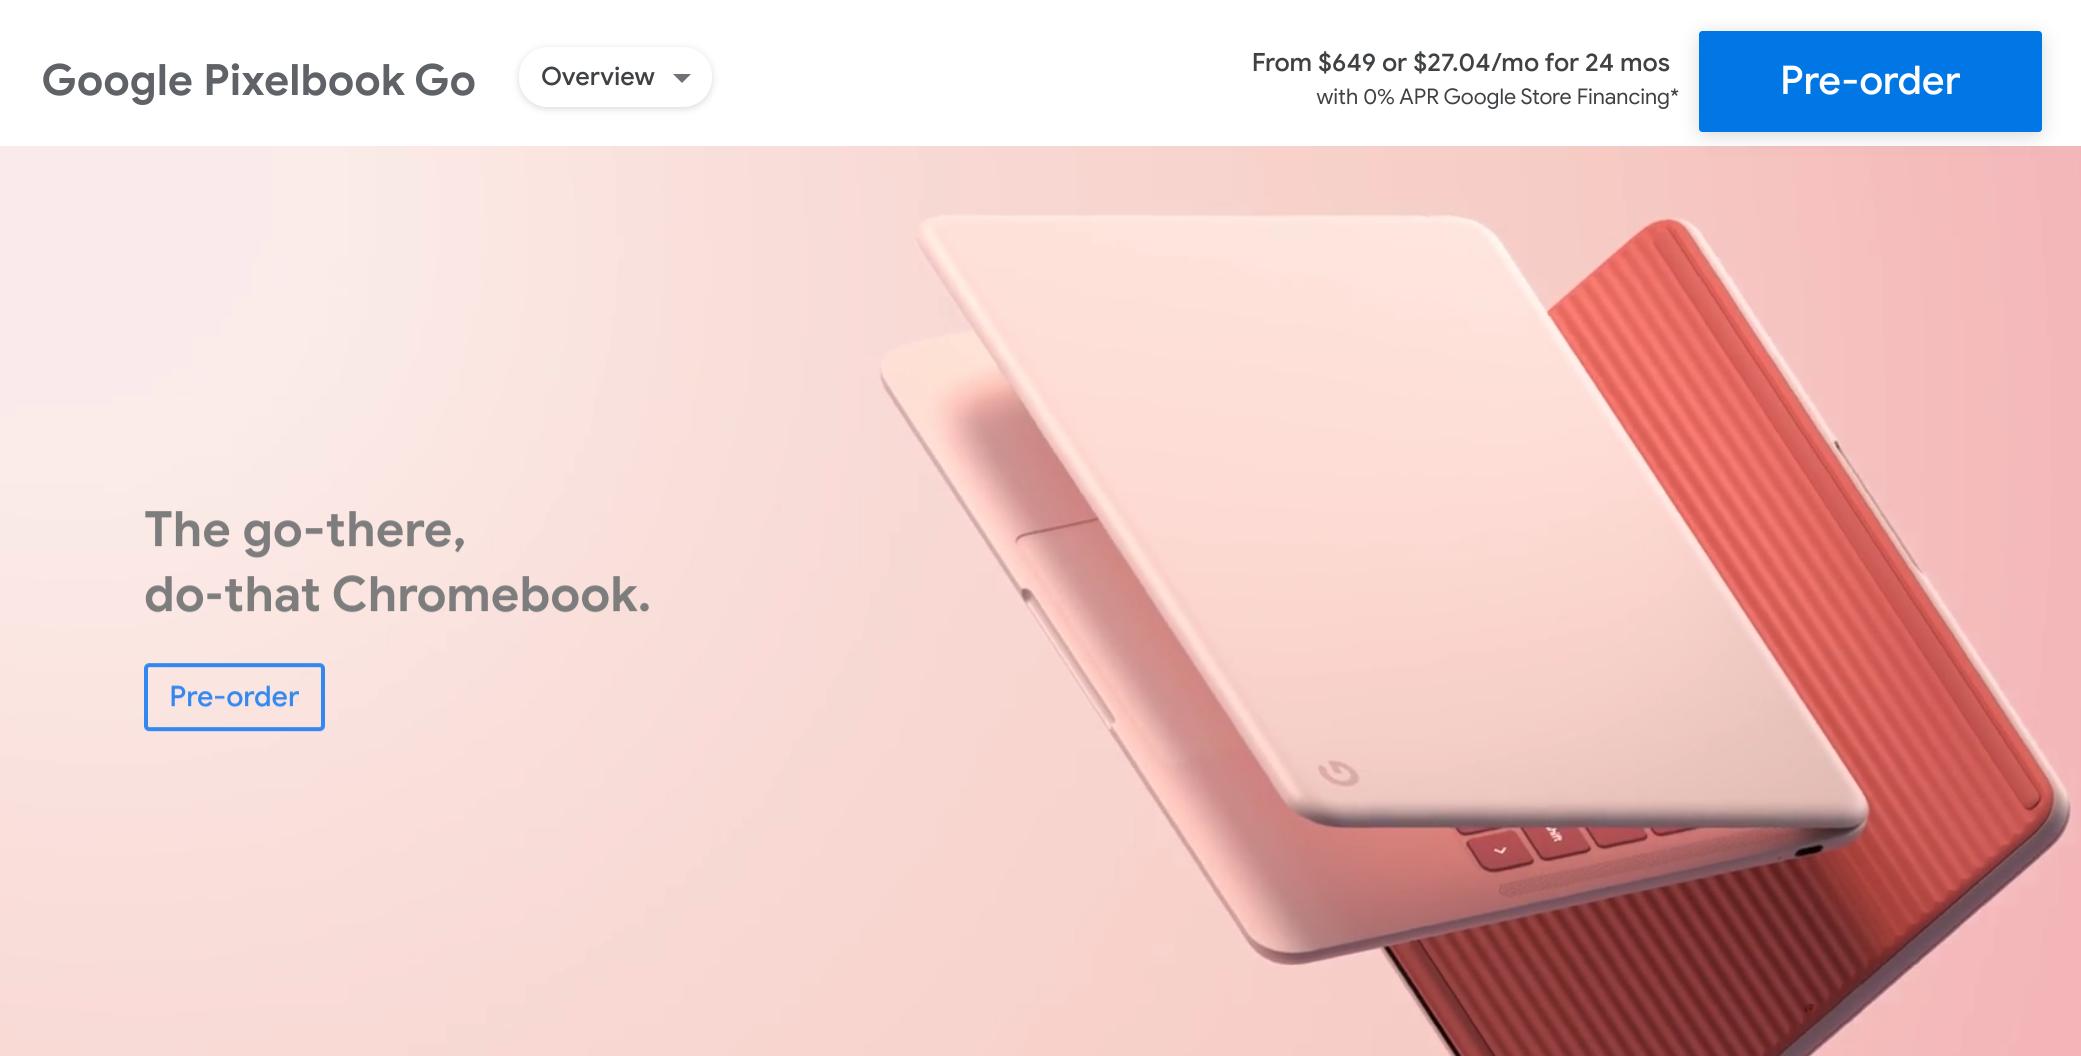 [かぶ] Googleが新作Chromebook、Pixelbook Goを発表。そこで「Pixelbookってそもそも何?」という点と合わせて今回の印象を書いてみます。